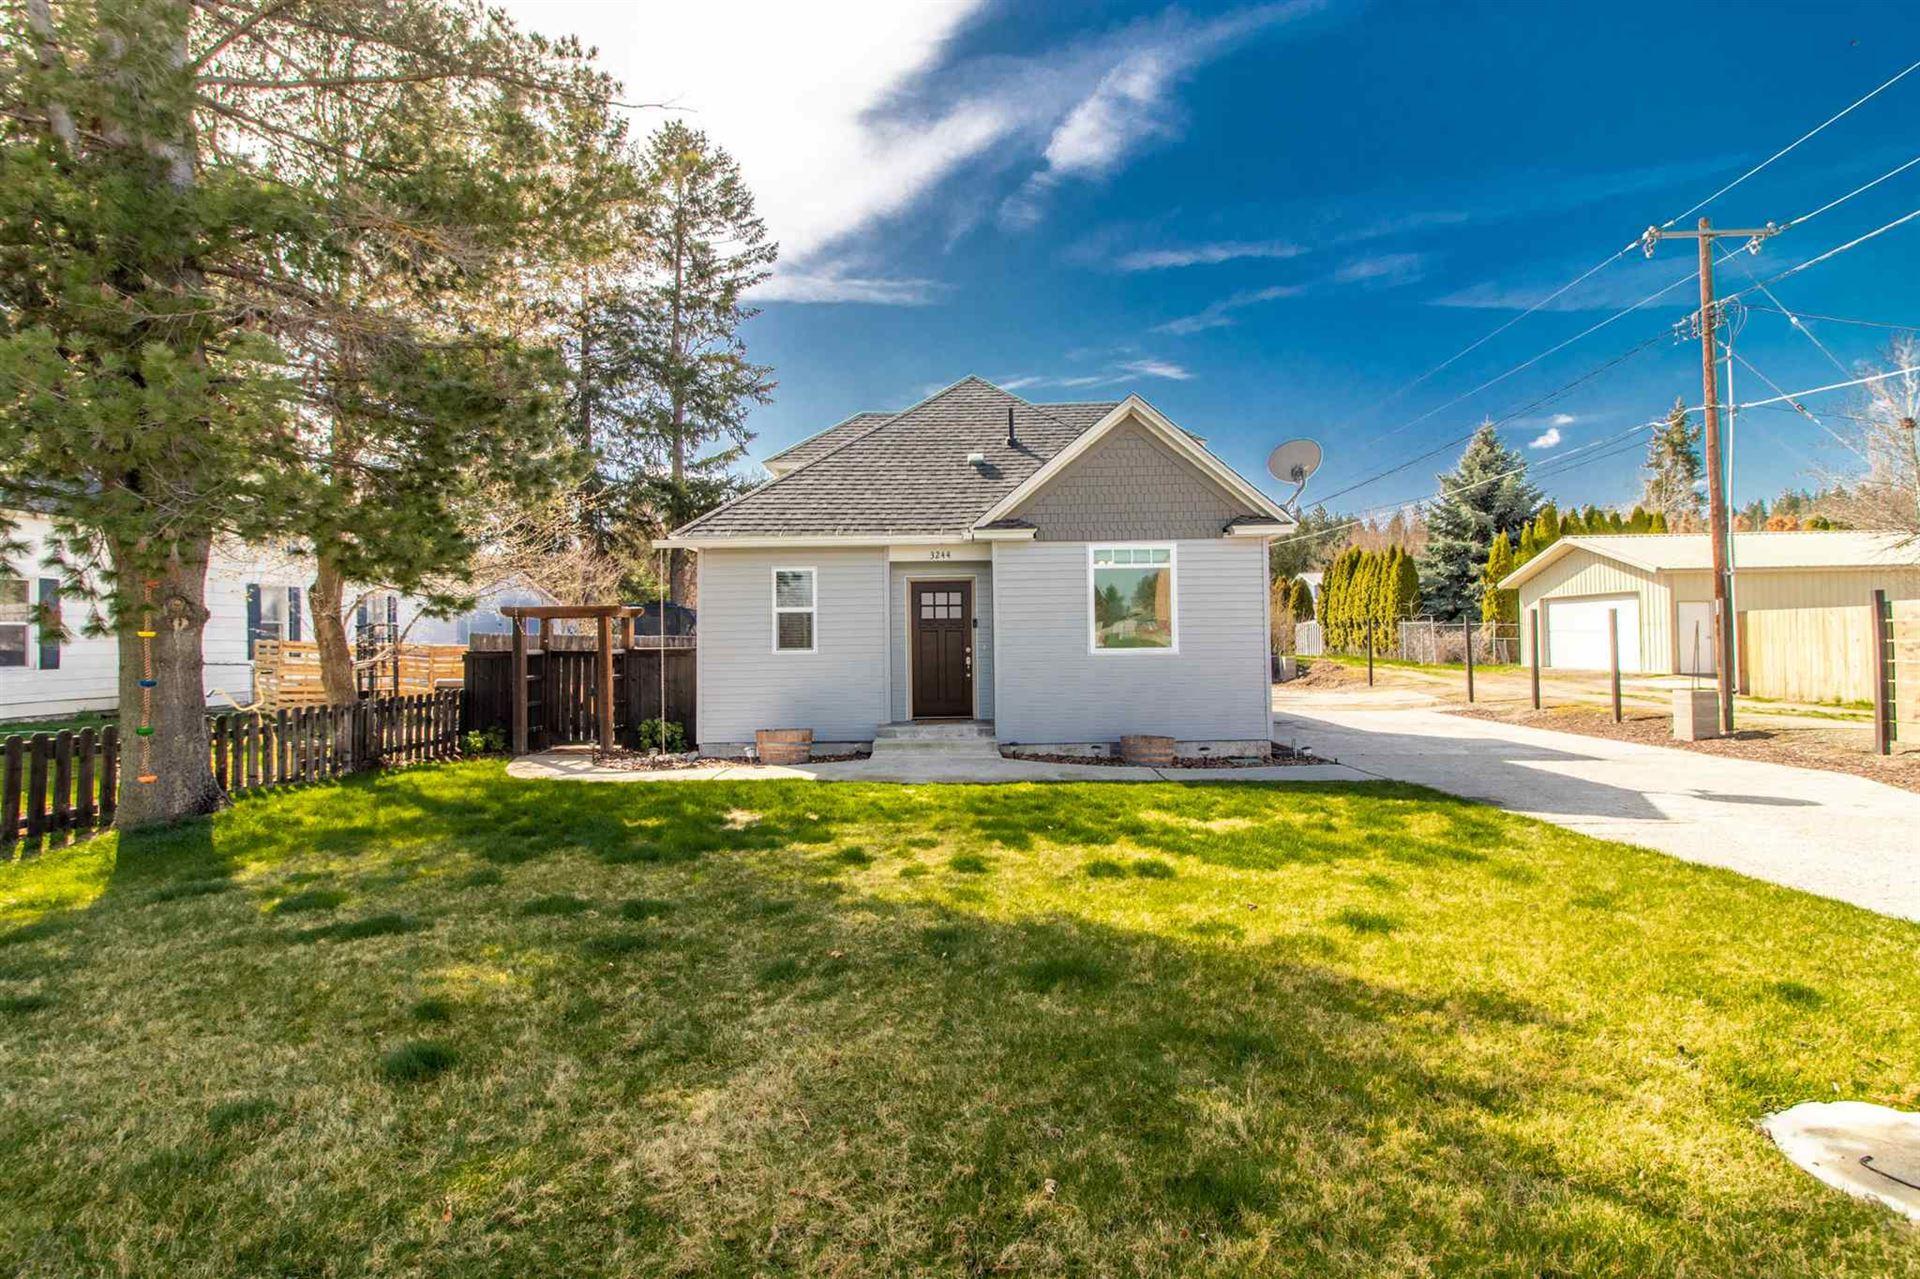 3244 E Hartson Ave, Spokane, WA 99202 - #: 202113867